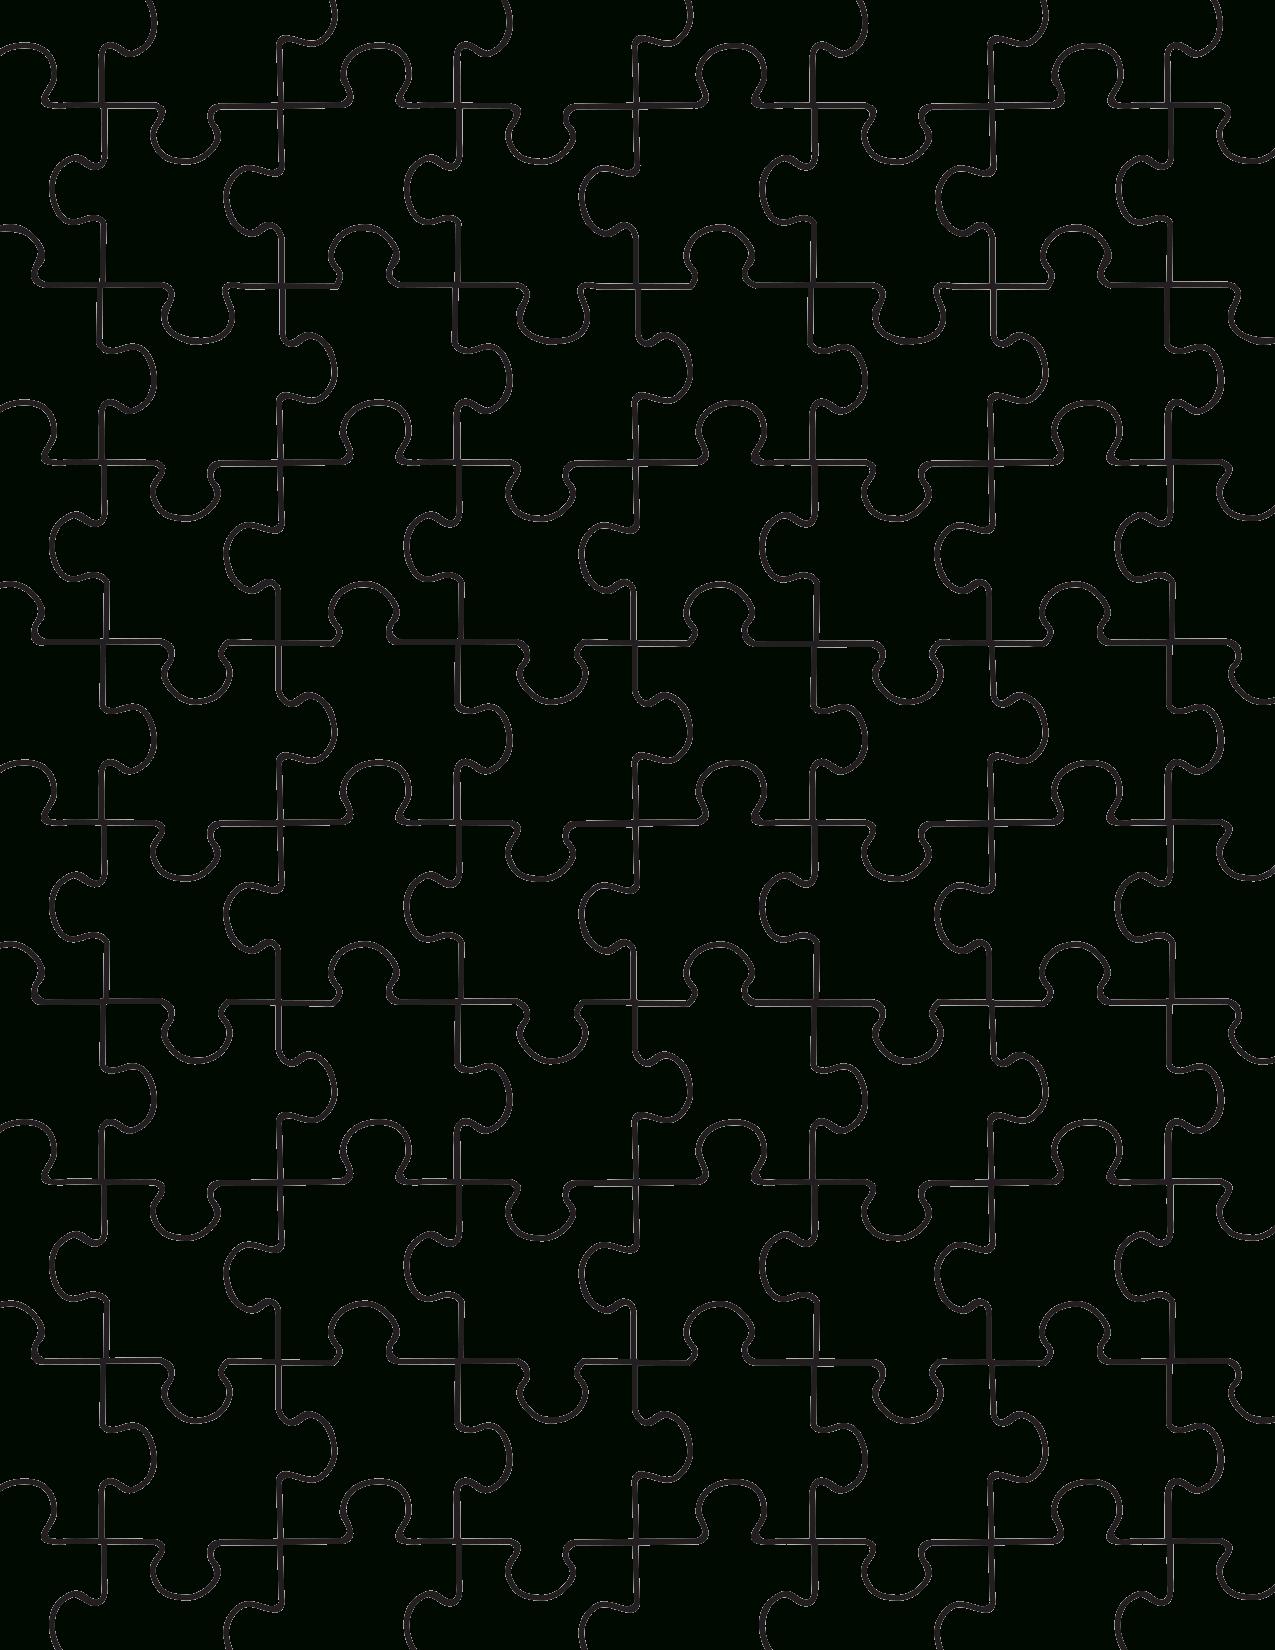 Printable Puzzle Pieces Template | Decor | Puzzle Piece Template - Printable Jigsaw Puzzle Generator